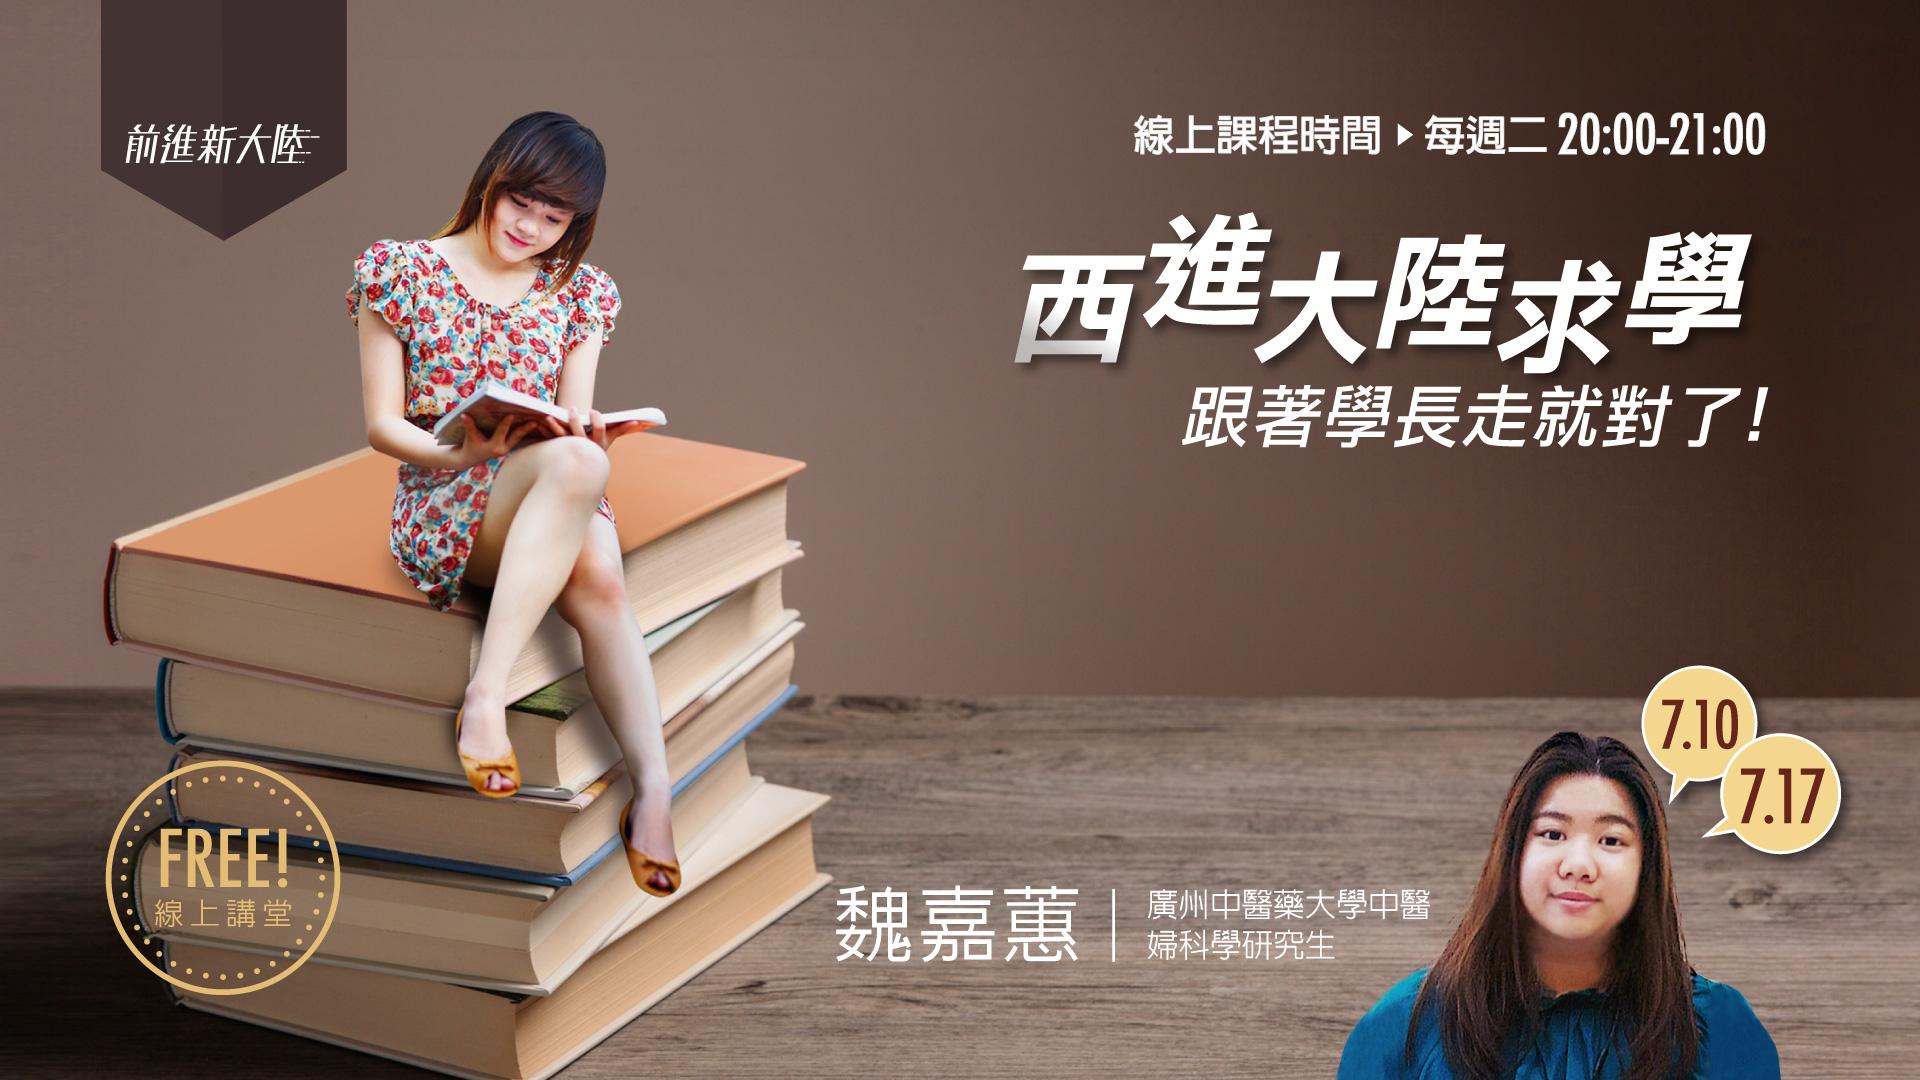 西進中國大陸求學│廣州中醫藥大學 part 2.